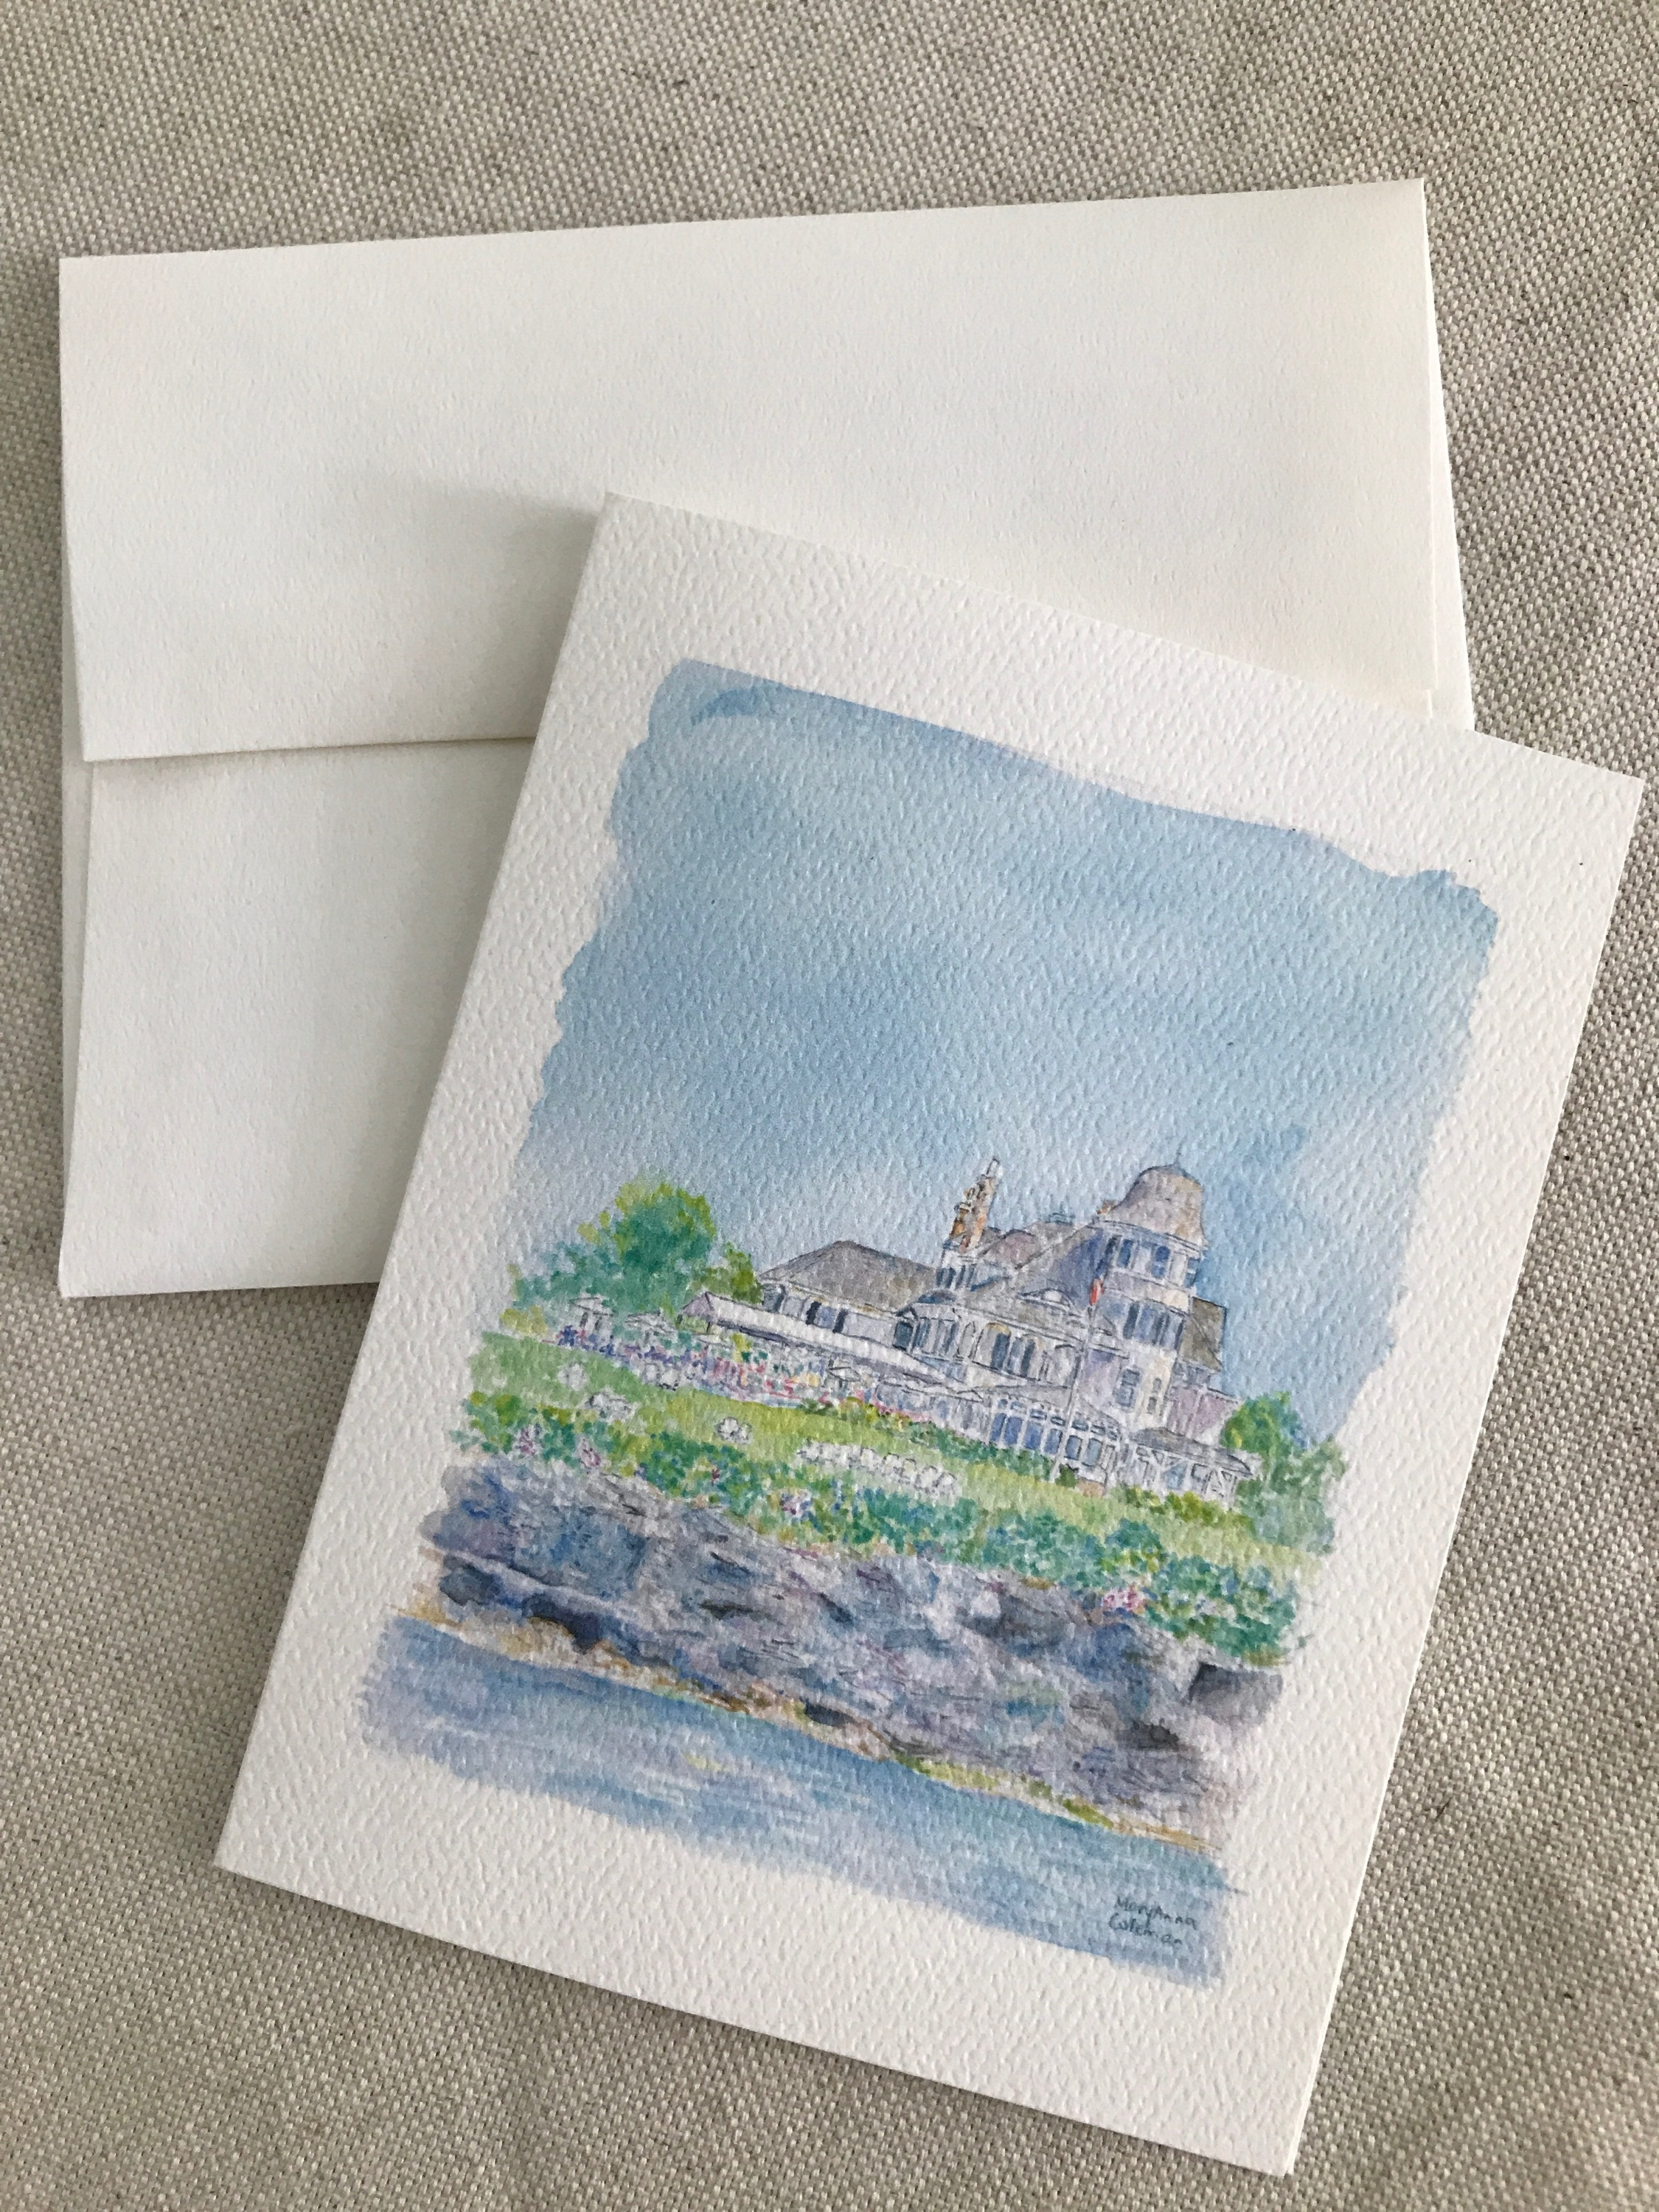 castlehill card.JPG